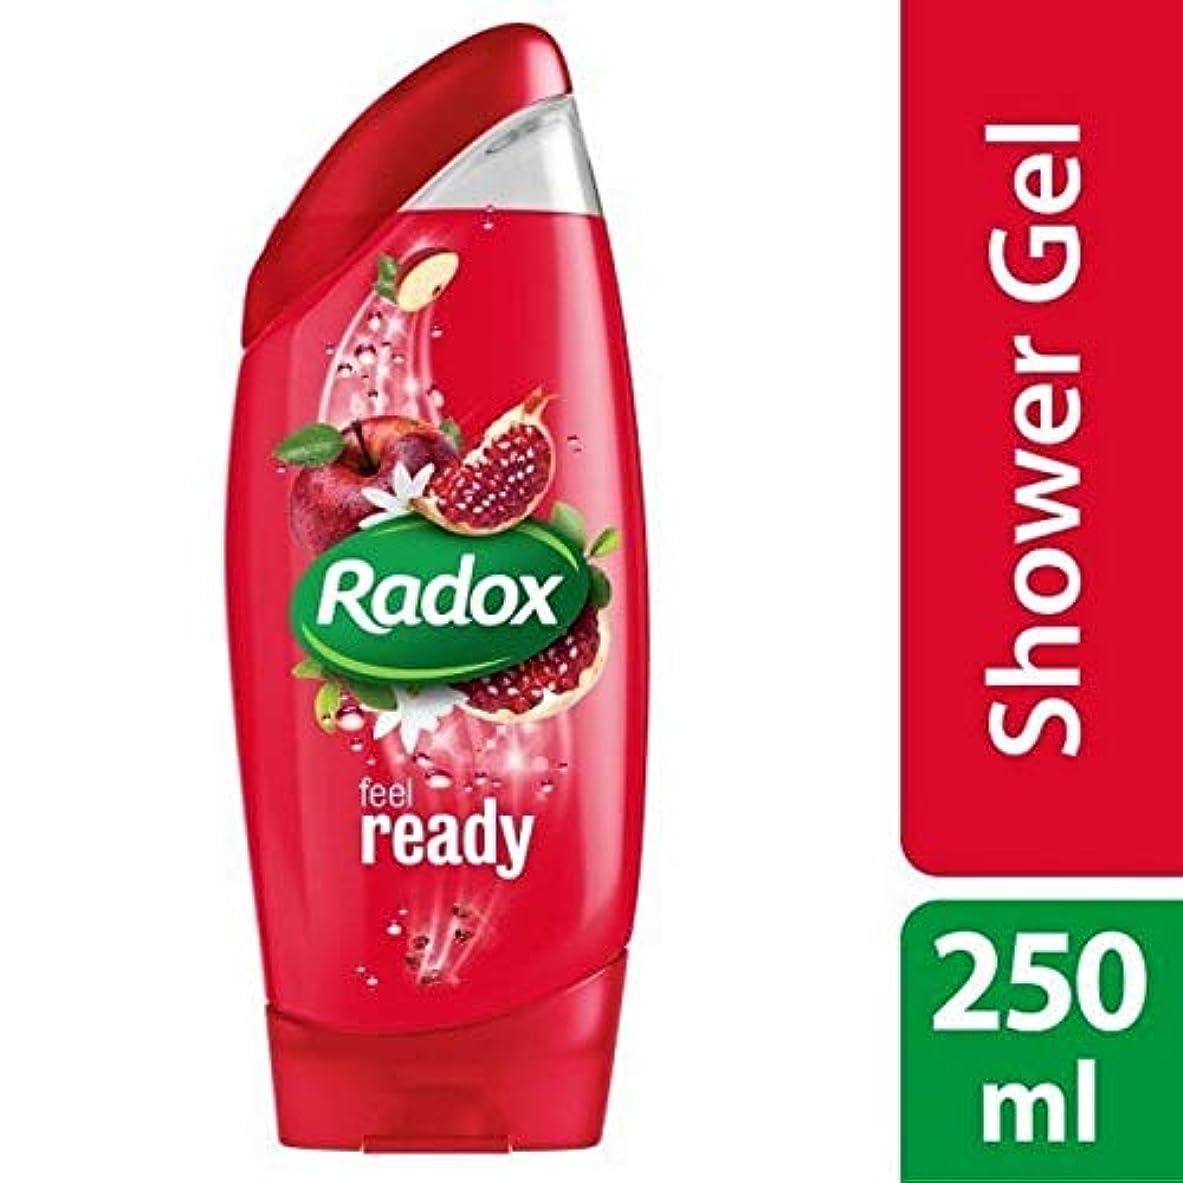 トレードスポーツ故障[Radox] Radoxは準備ができてシャワージェル250ミリリットルを感じます - Radox Feel Ready Shower Gel 250ml [並行輸入品]